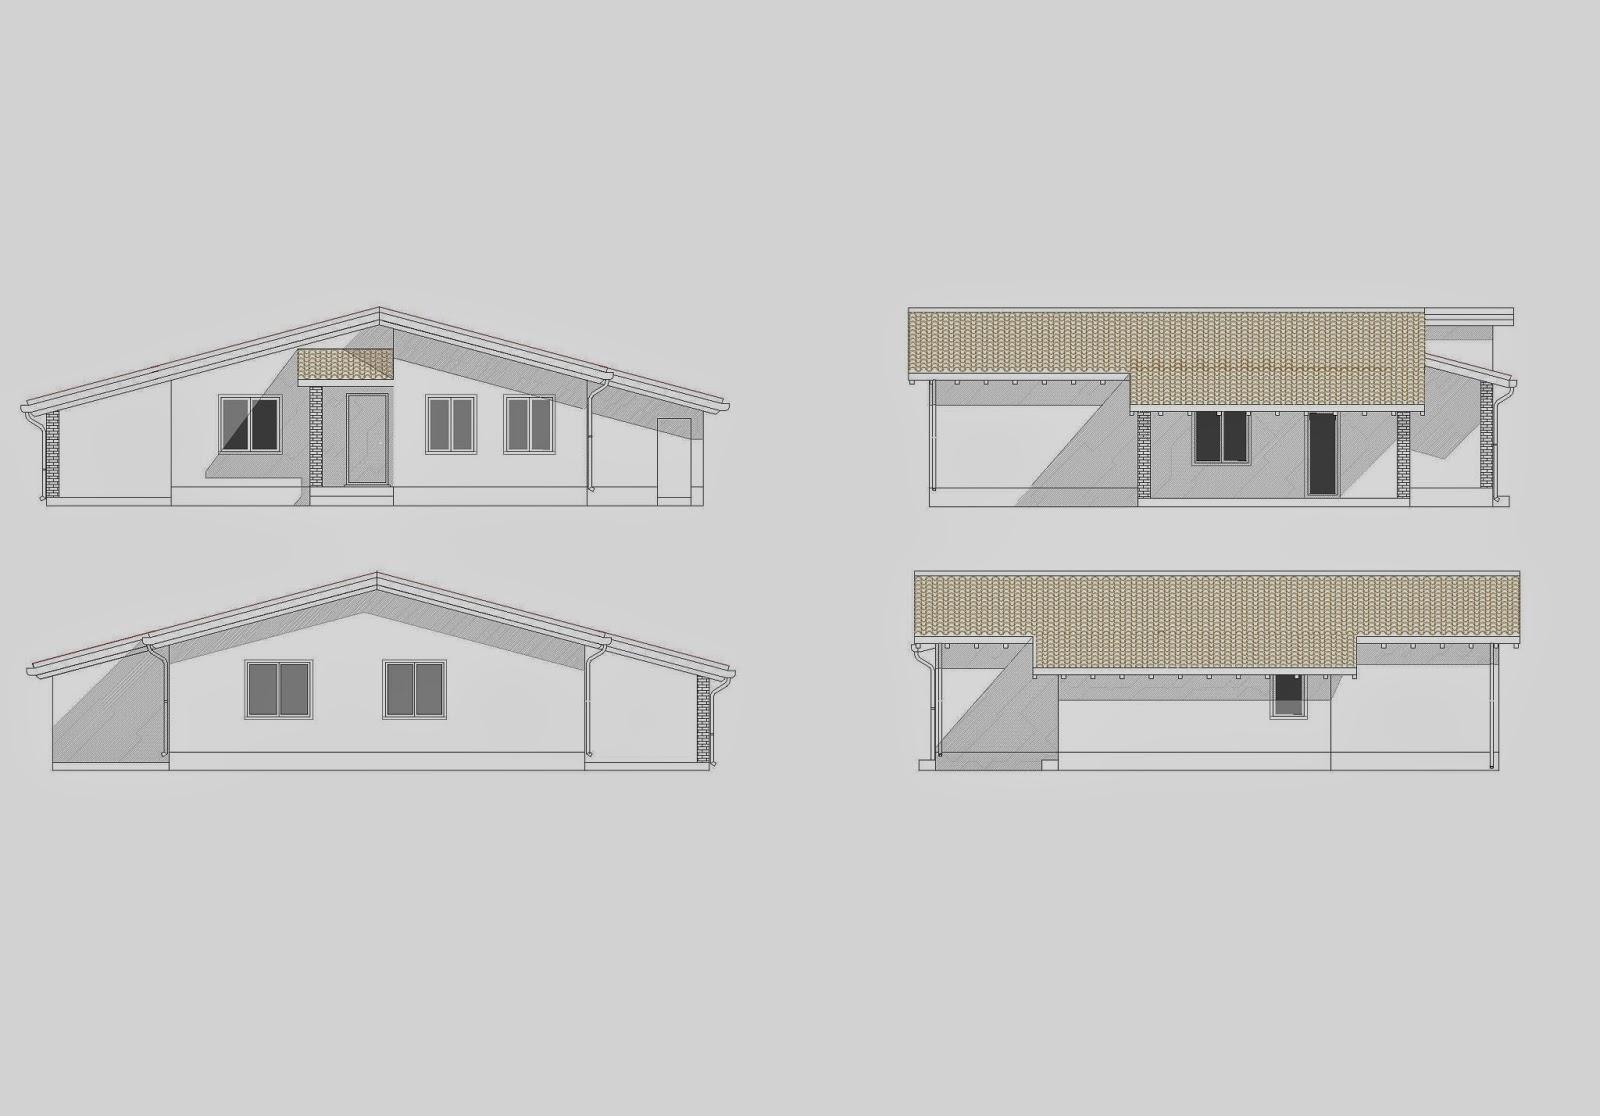 Progetti di case in legno casa 143 mq porticati 24 mq - Progetto casa 60 mq ...